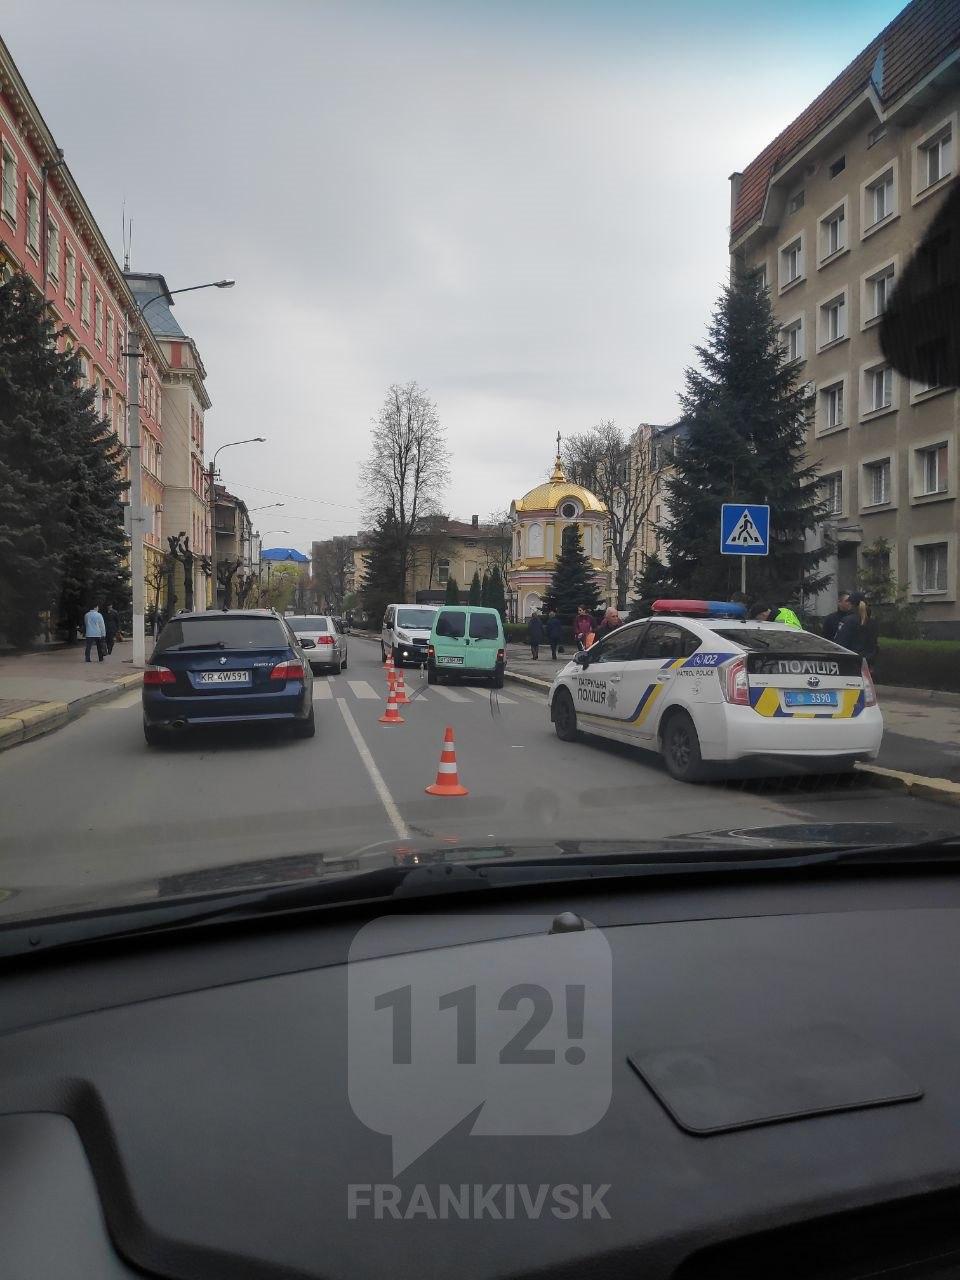 Напроти ГУ Нацполіції та СБУ у Франківську жінка потрапила під колеса авто (ФОТОФАКТ)